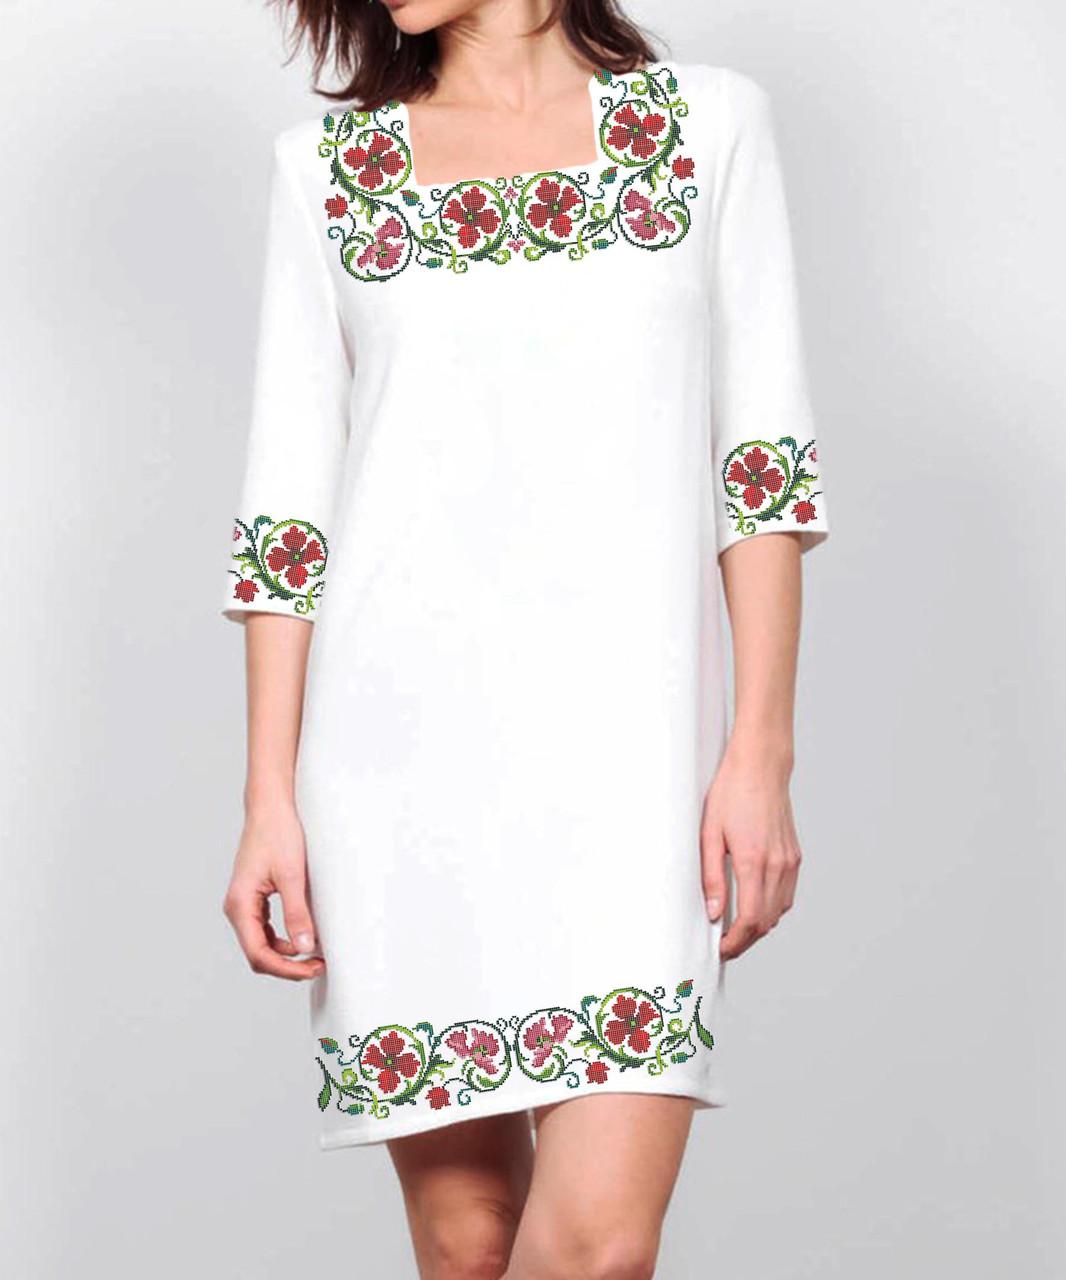 Заготовка жіночого плаття чи сукні для вишивки та вишивання бісером Бисерок  «Віночок з гвоздик» (П-139 ГБ) Габардин